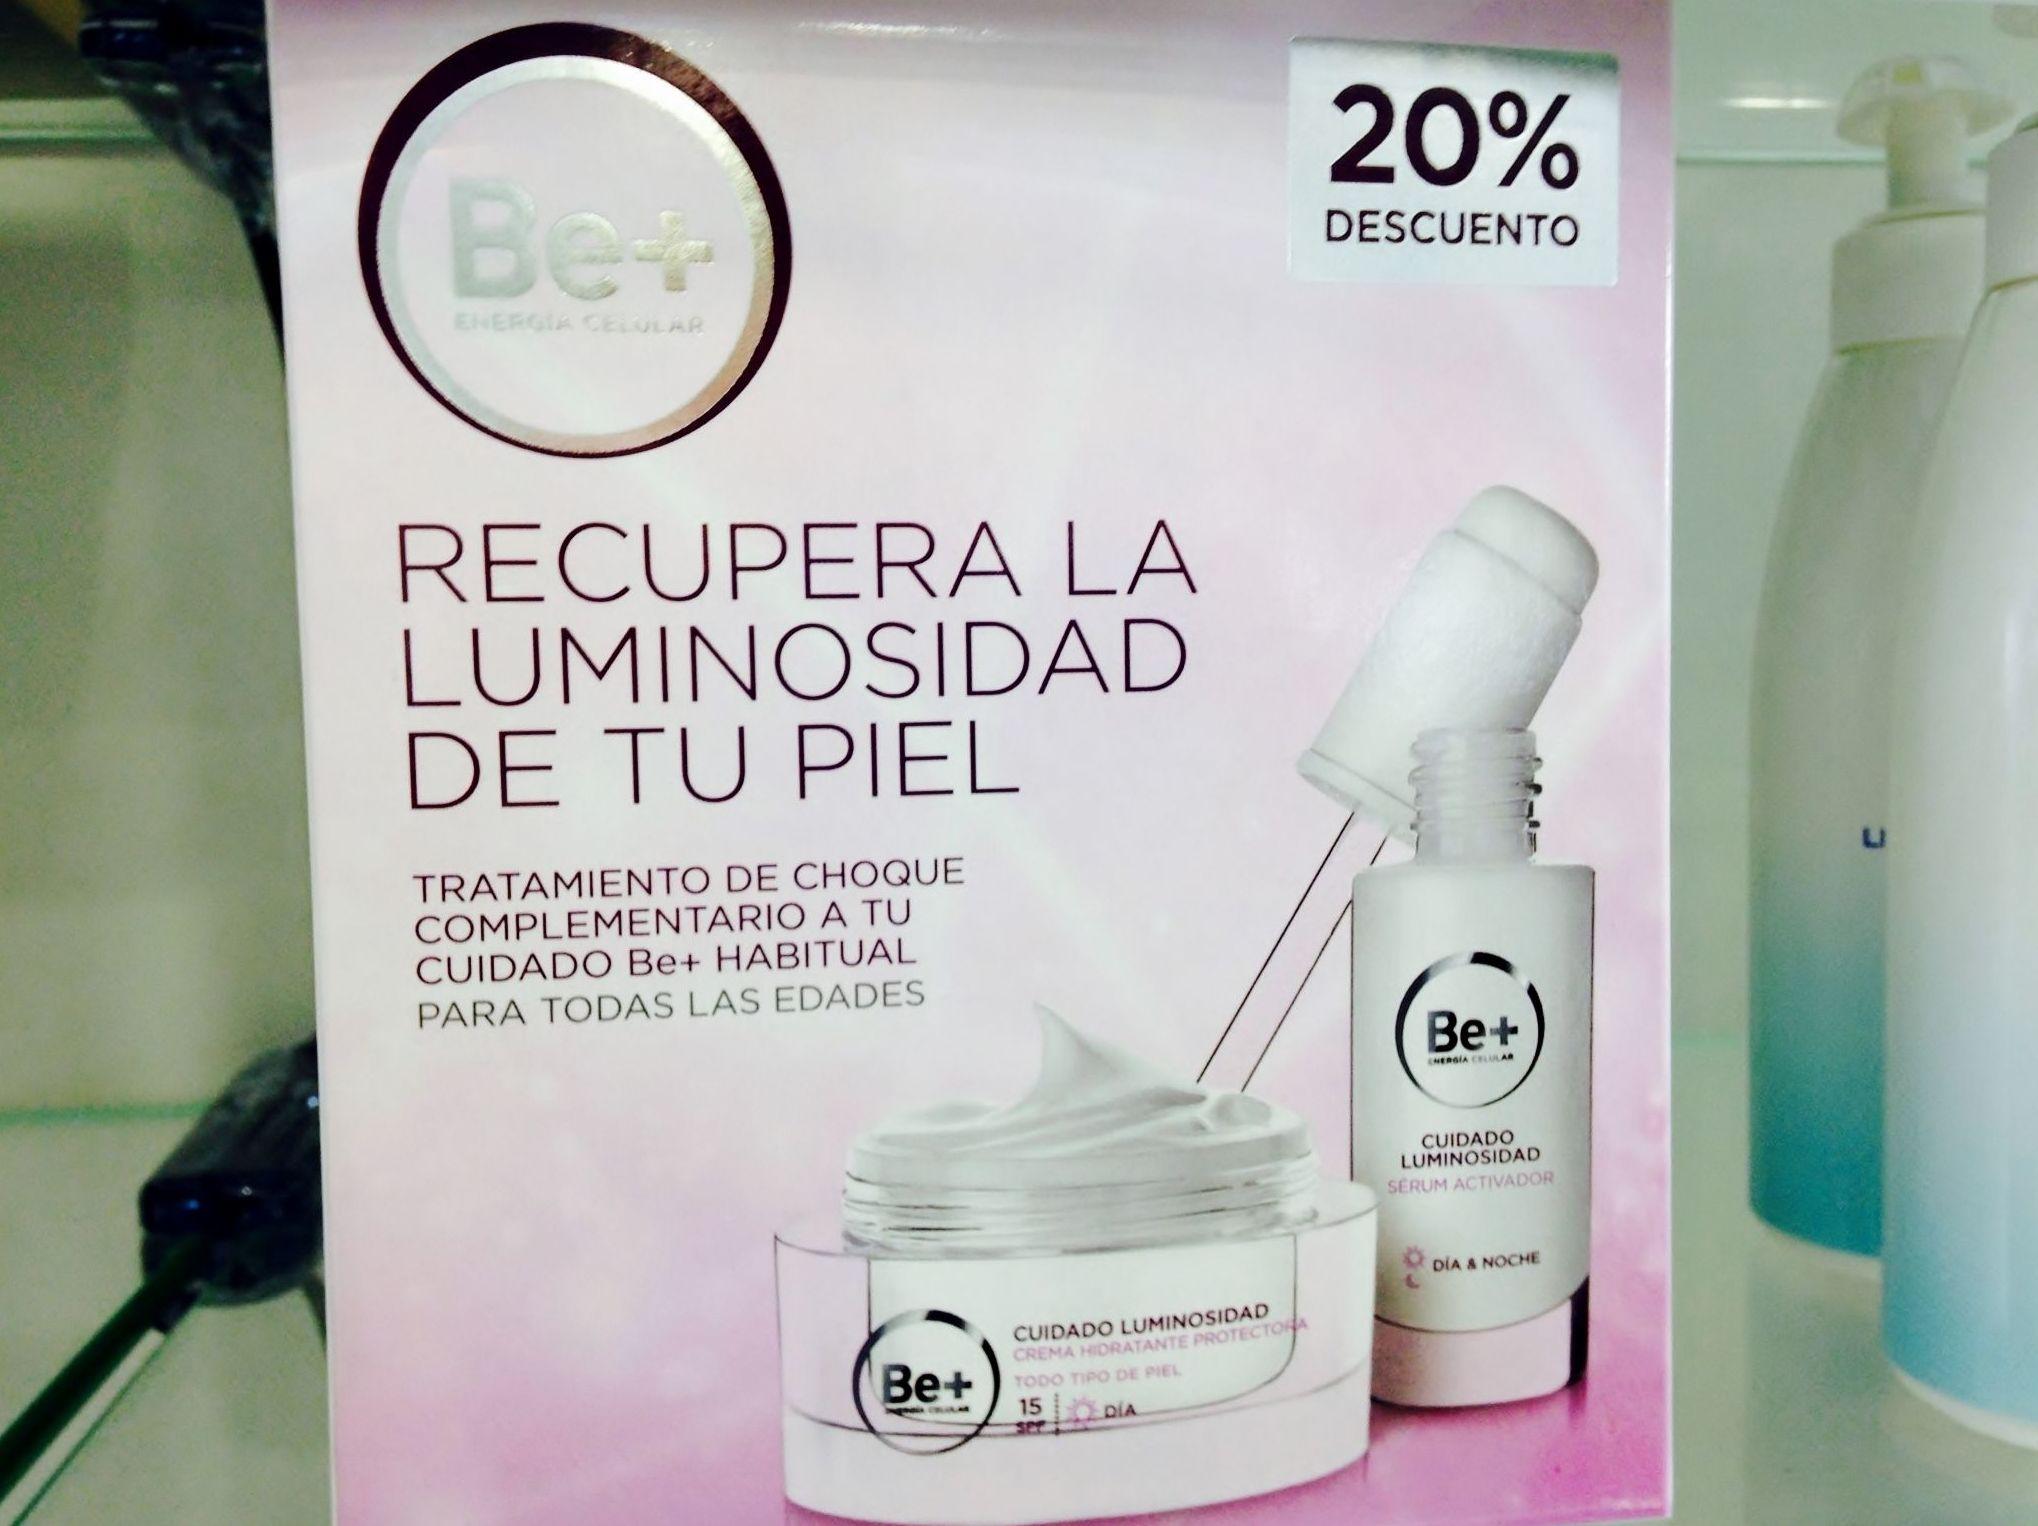 Productos de dermocosmética en Talavera de la Reina